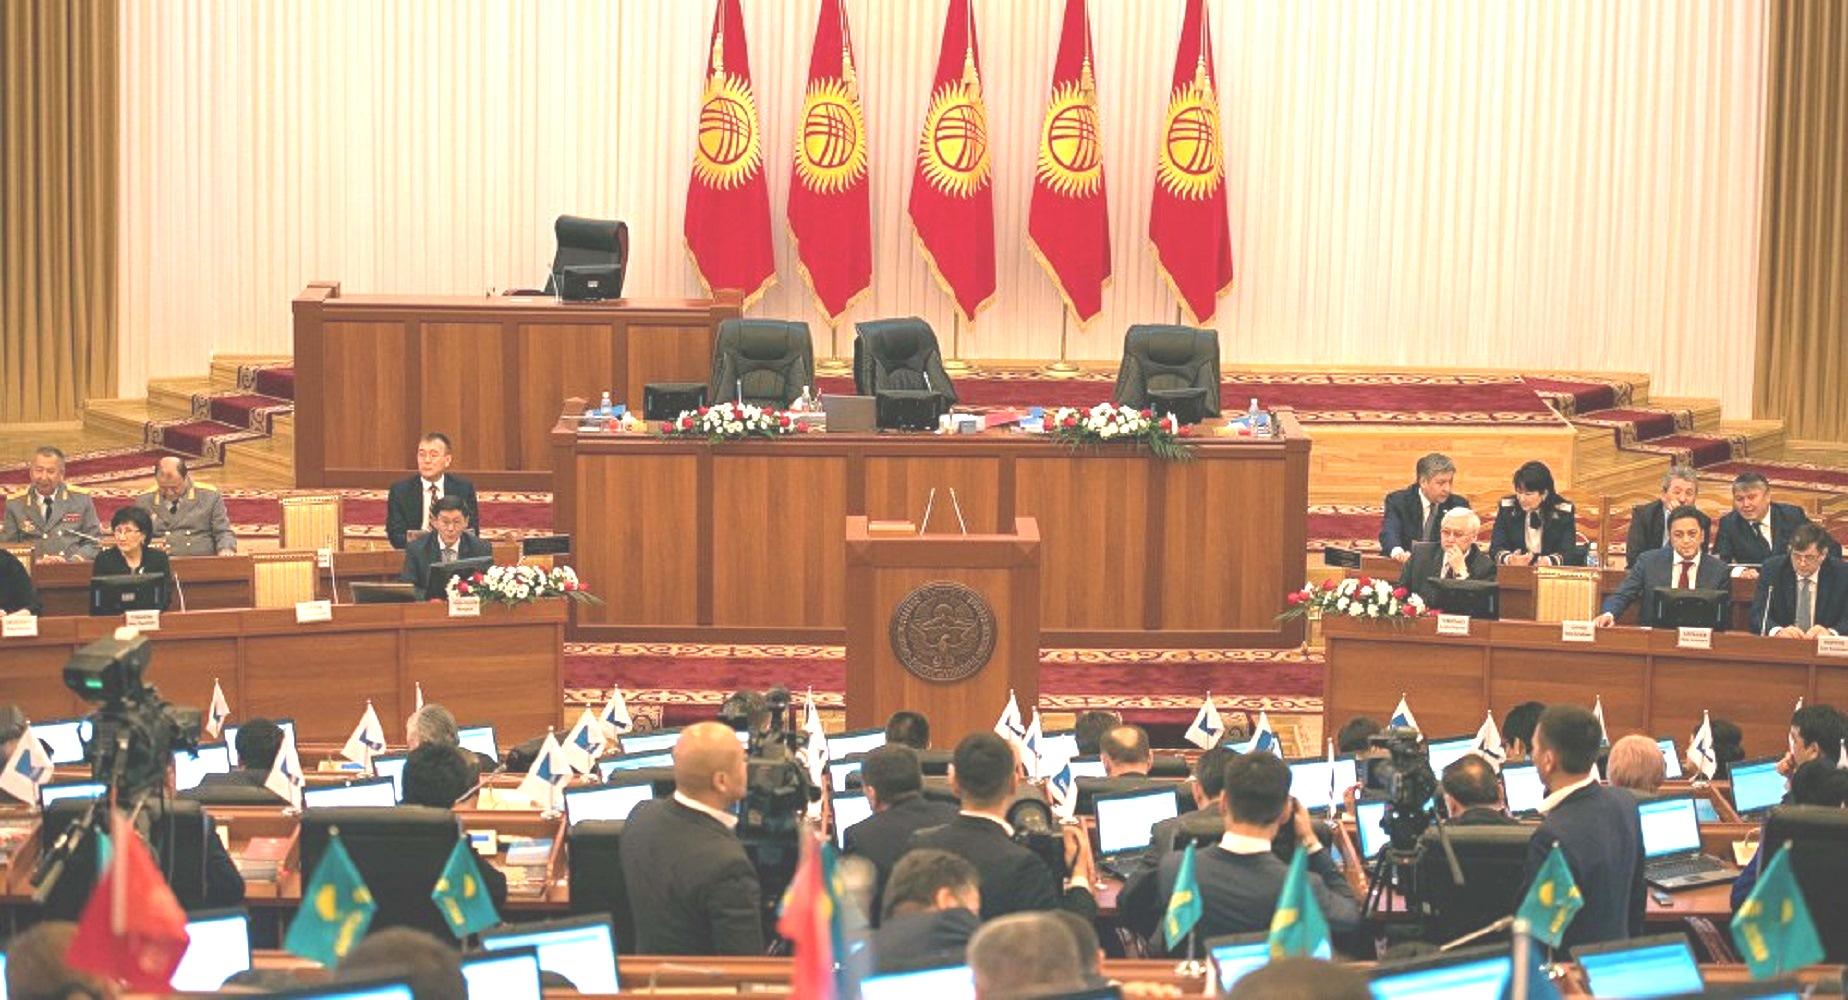 Кыргызстан ужесточает антиэкстремистское законодательство